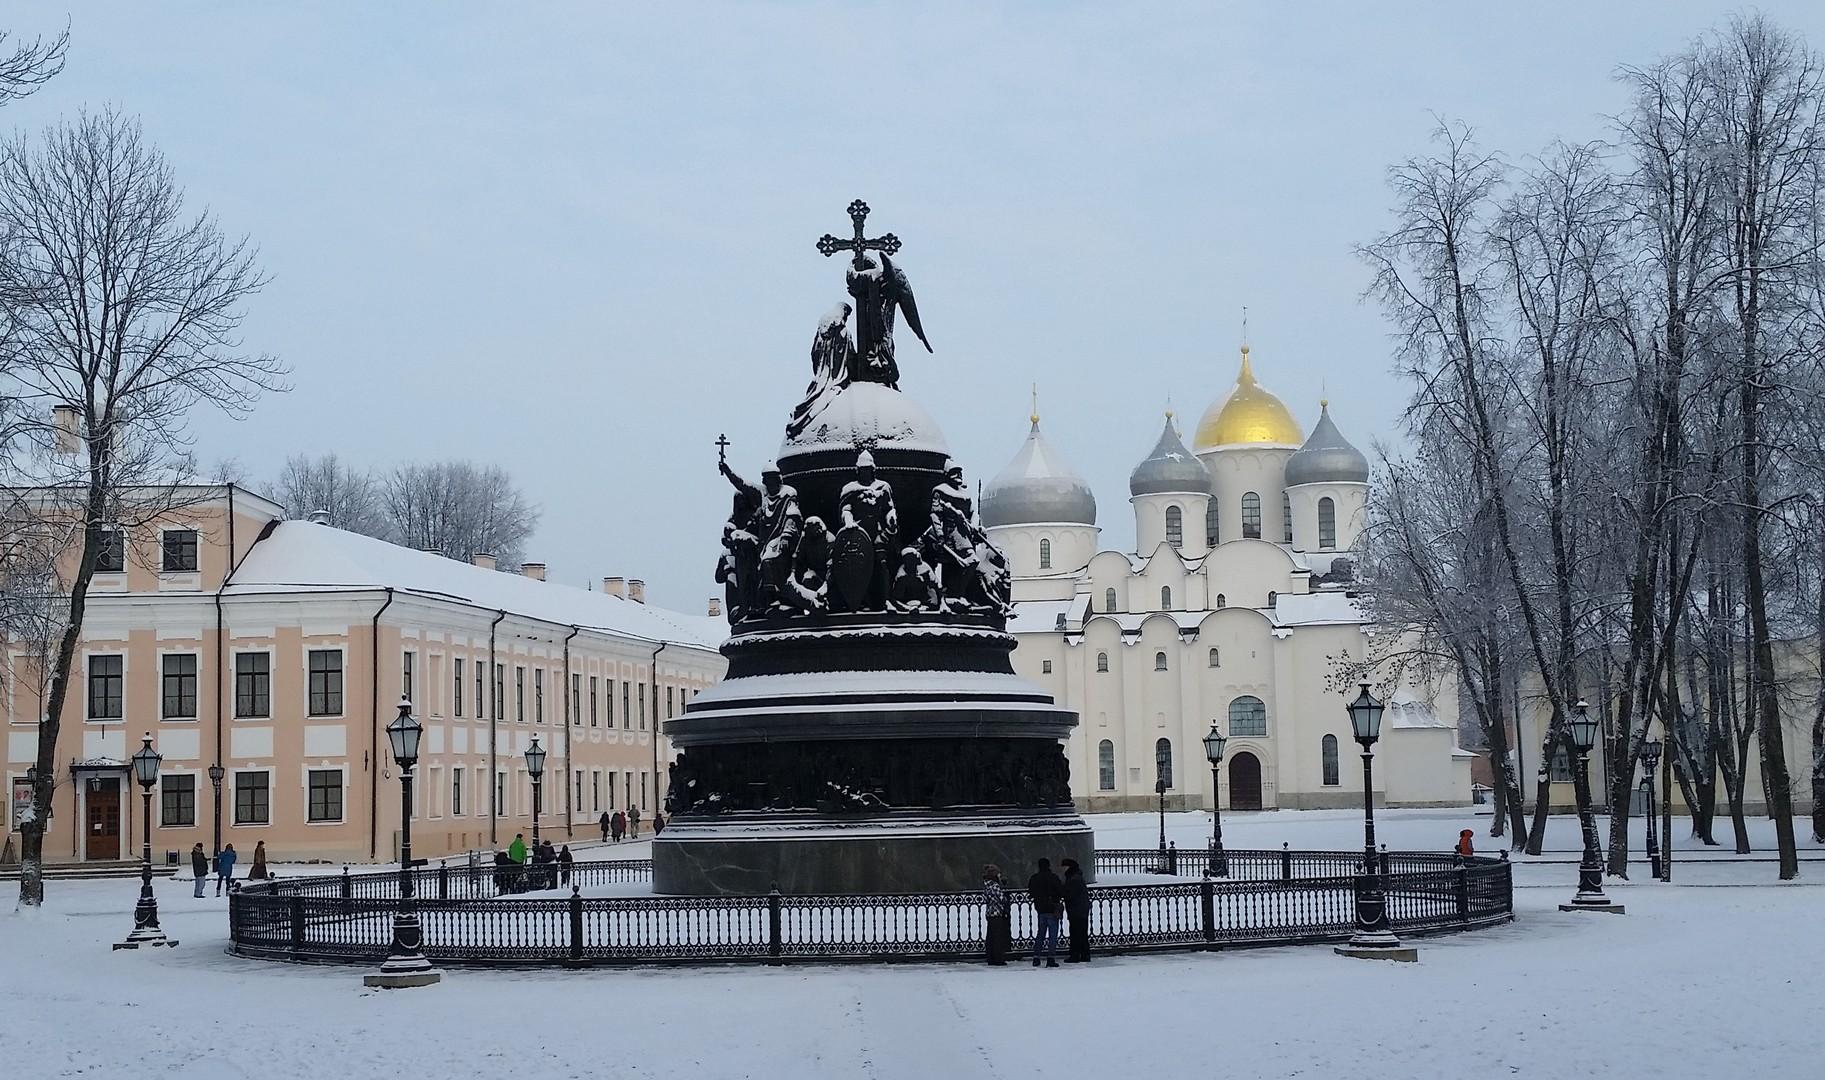 Das Millenium-Denkmal in Welikij Nowgorod ist bis heute ein Touristenmagnet. Es steht inmitten des beeindruckenden Kremls, gegenüber einer der ältesten russischen Kirchen, der Nowgoroder Sophienkathedrale.